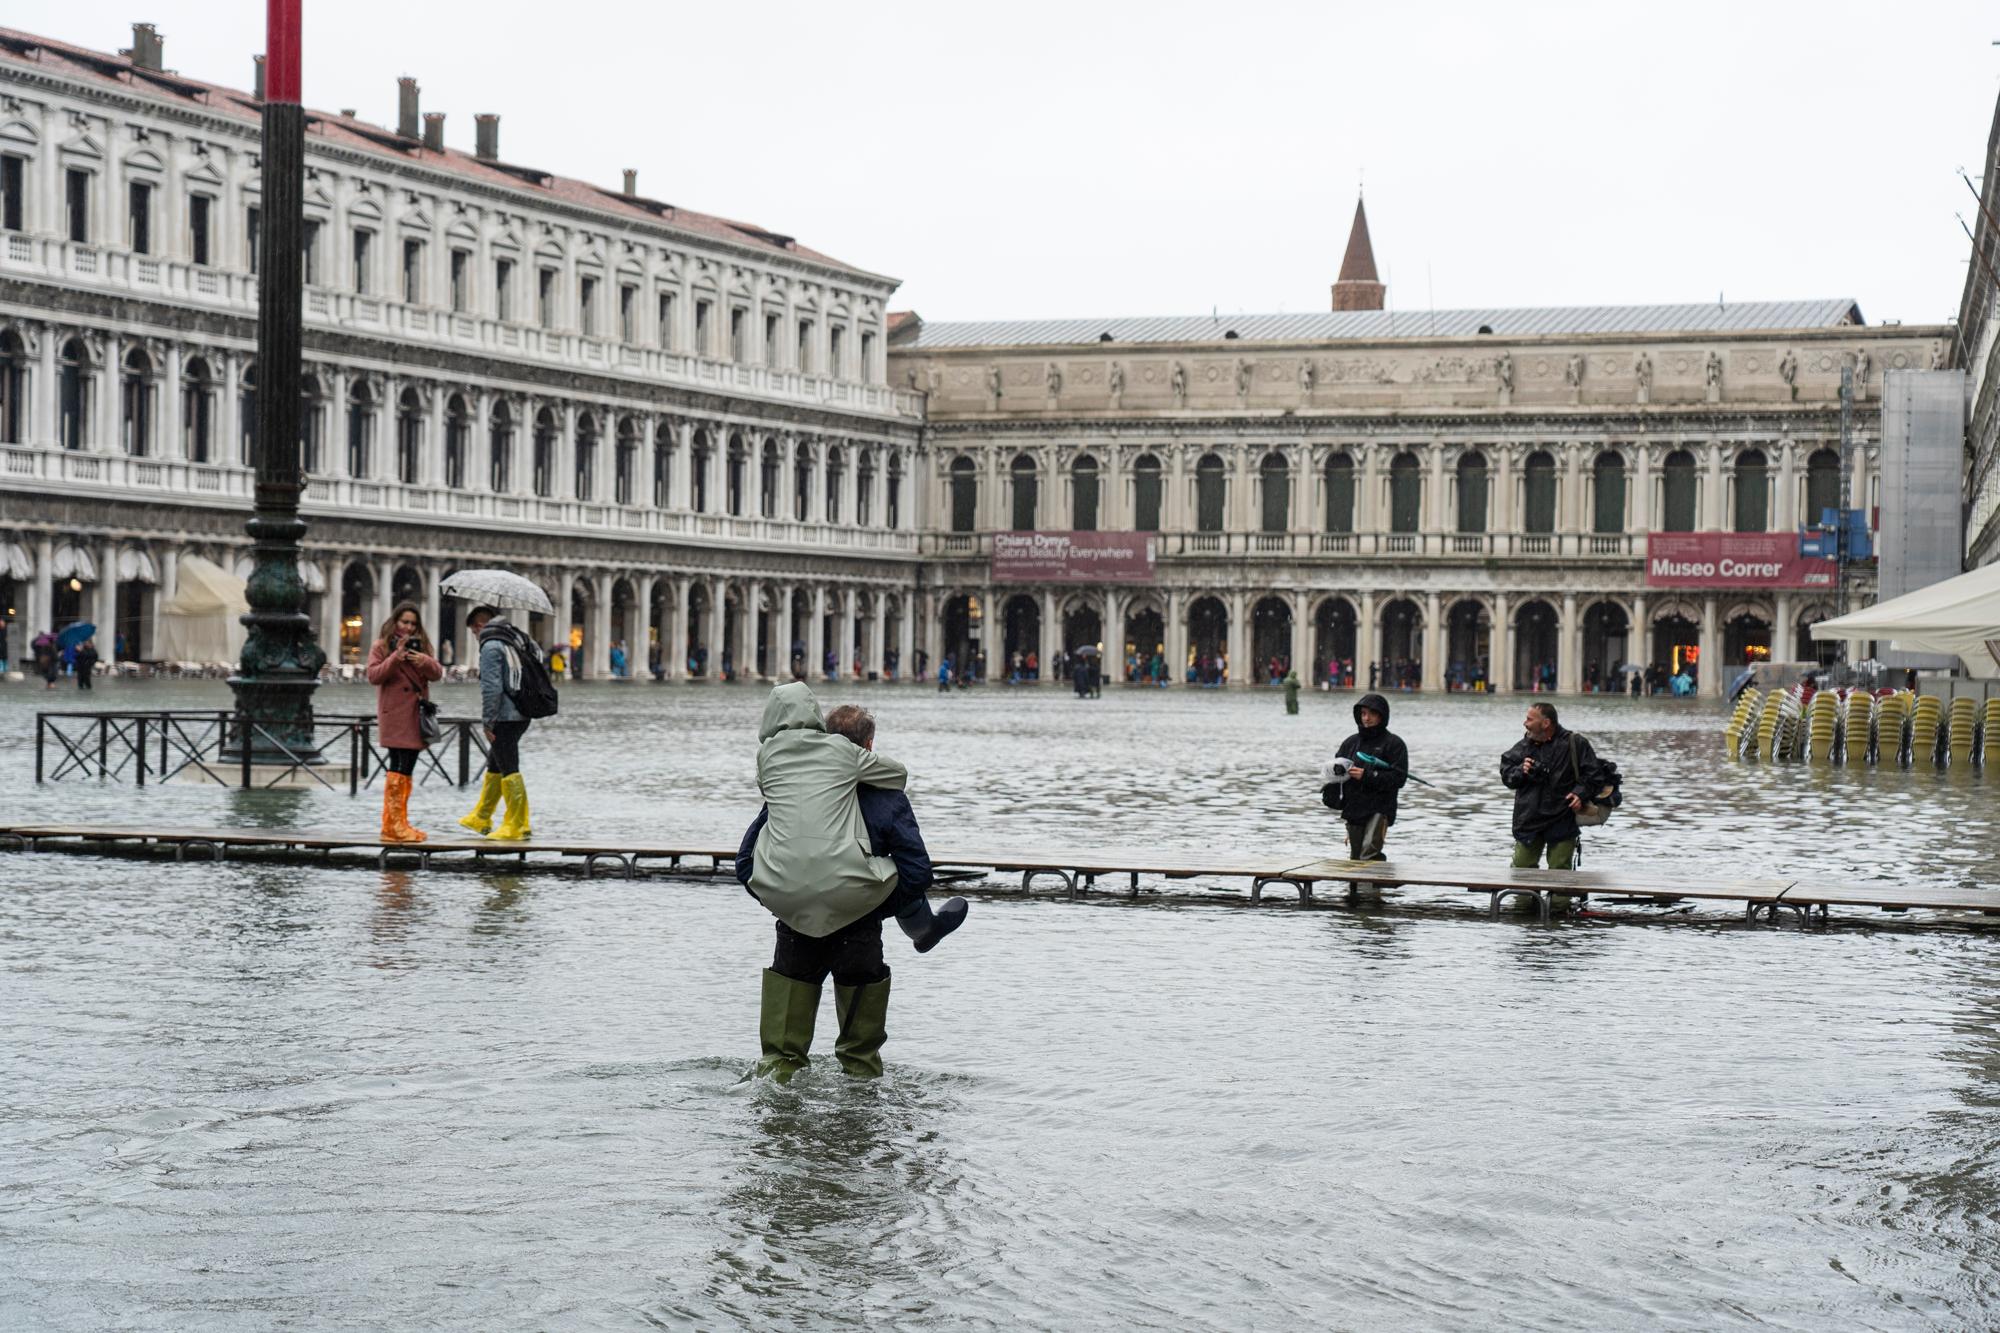 שקיעה נוגה: ערים שעלולות להיעלם מתחת למים עד 2100